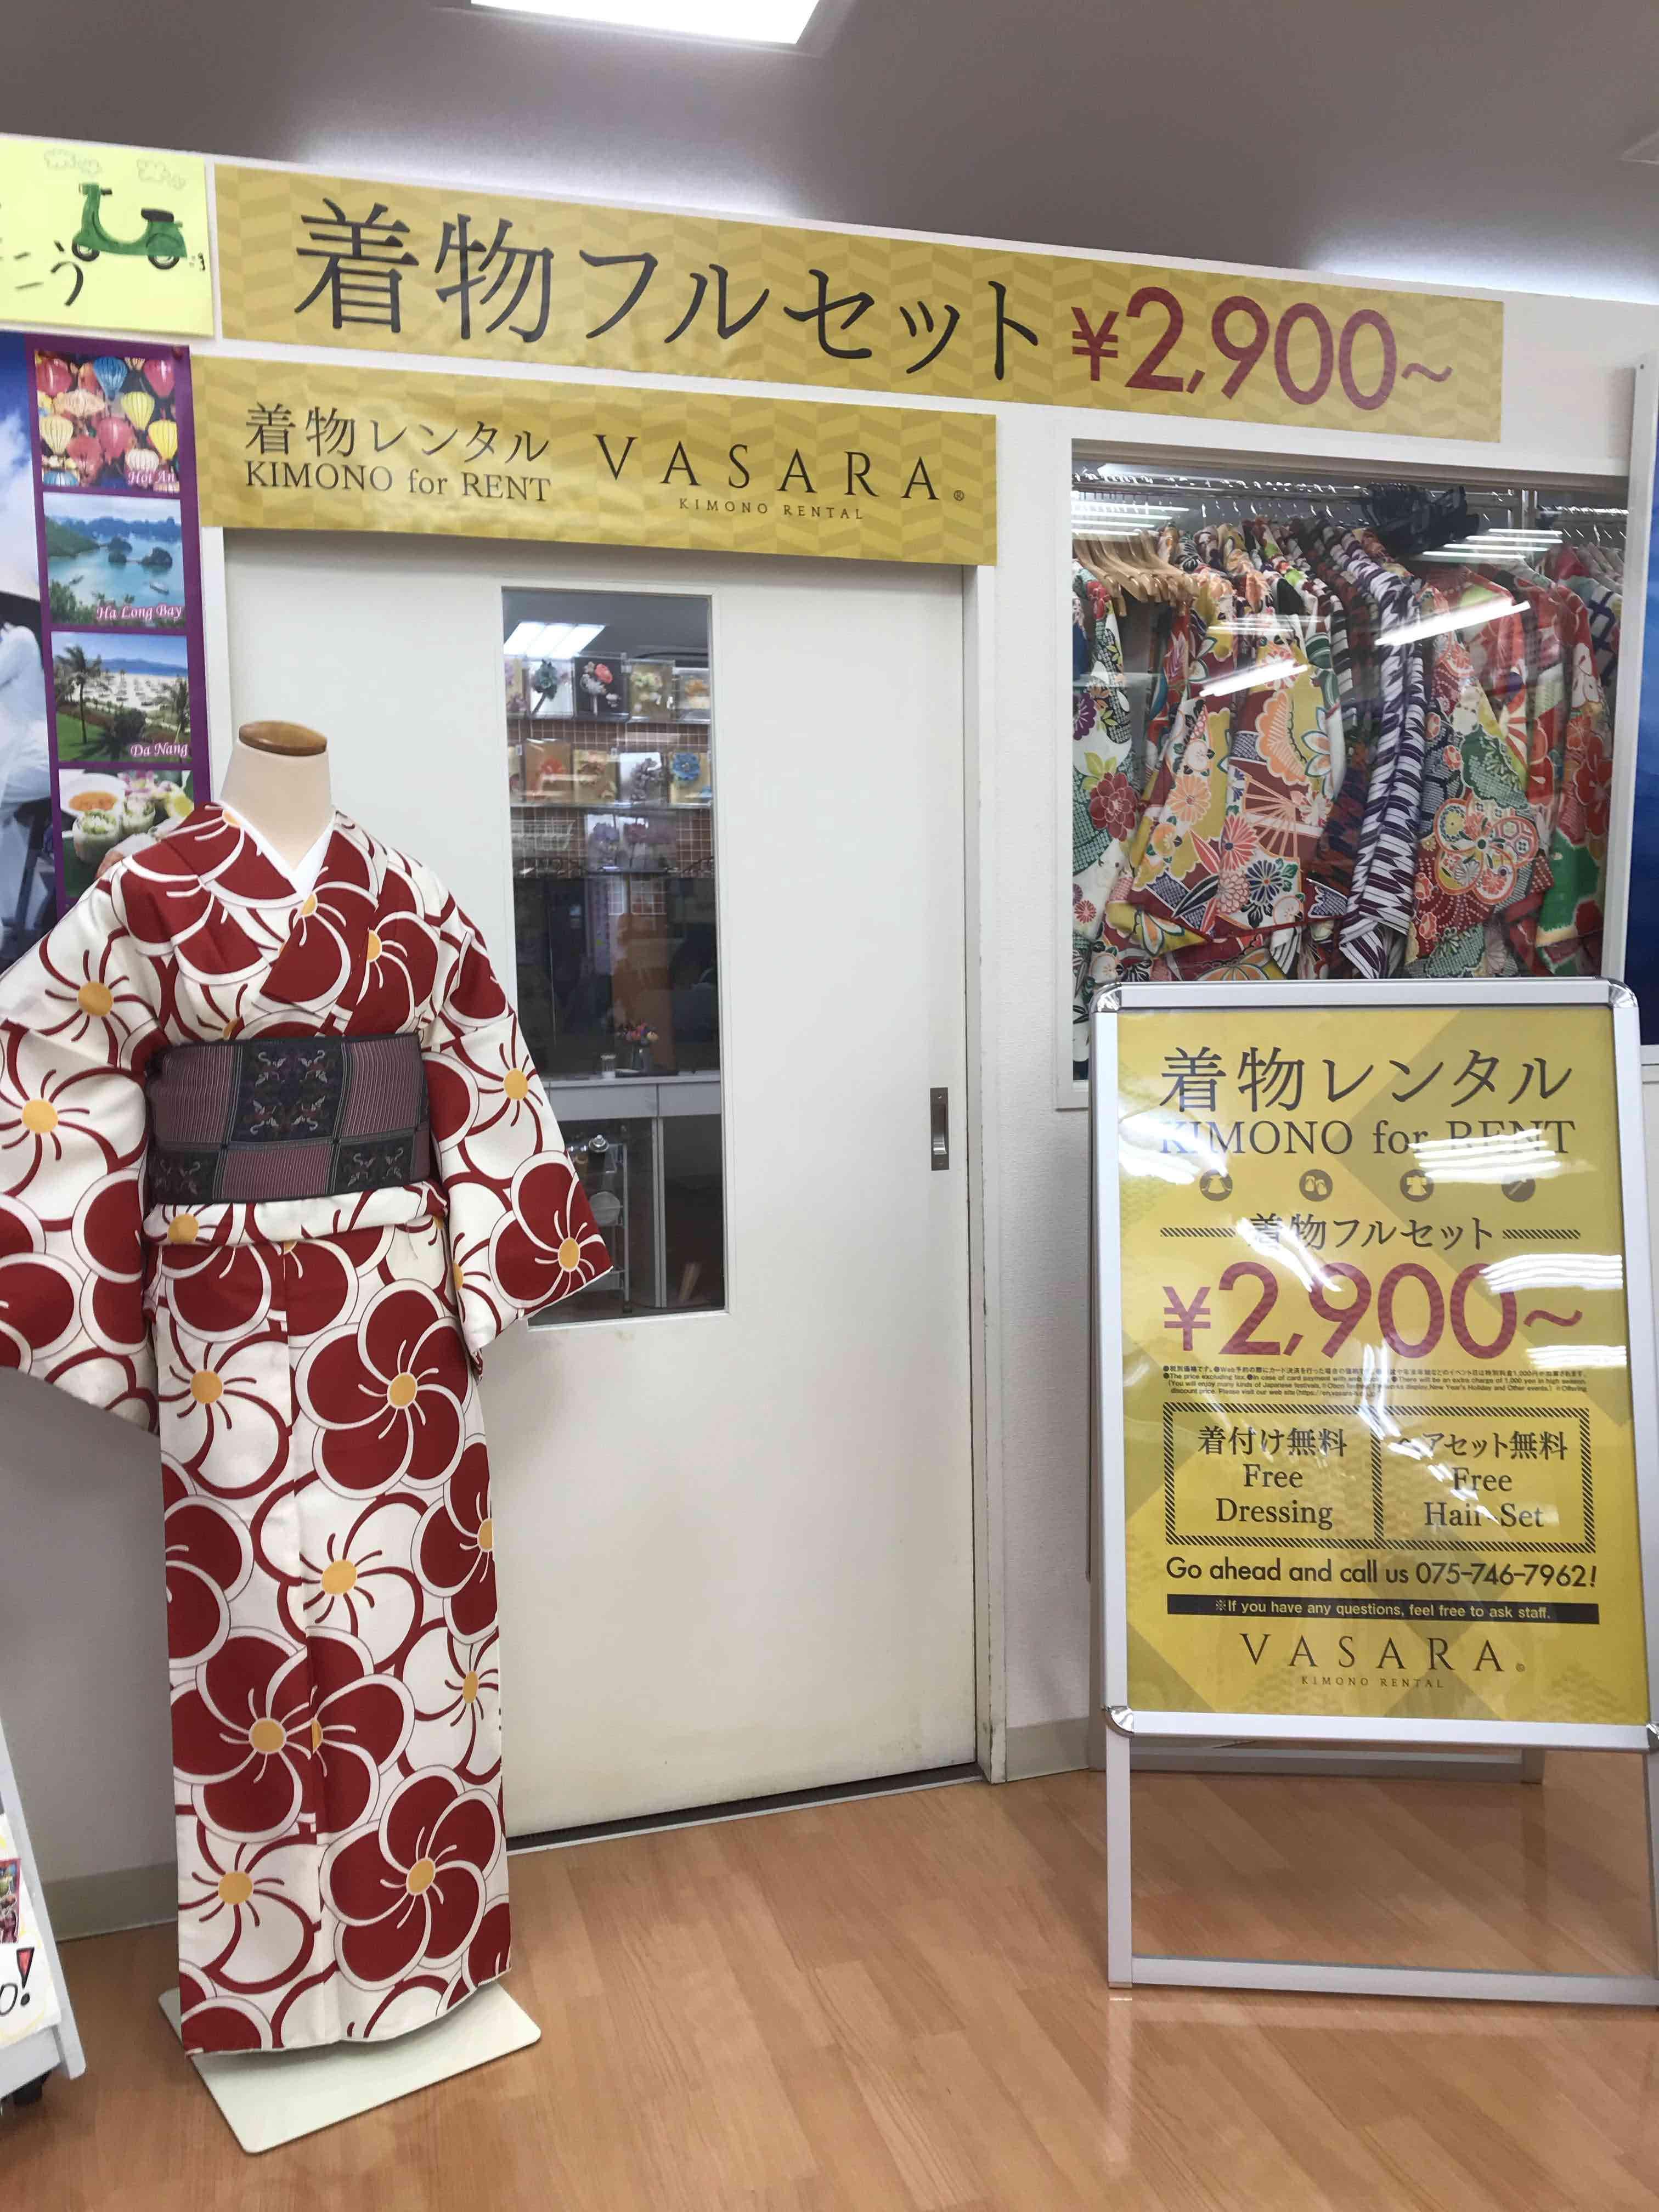 日本旅行、訪日客の「コト消費」狙った着物レンタルを拡充、取扱い支店を増設、出張着付けなども視野に